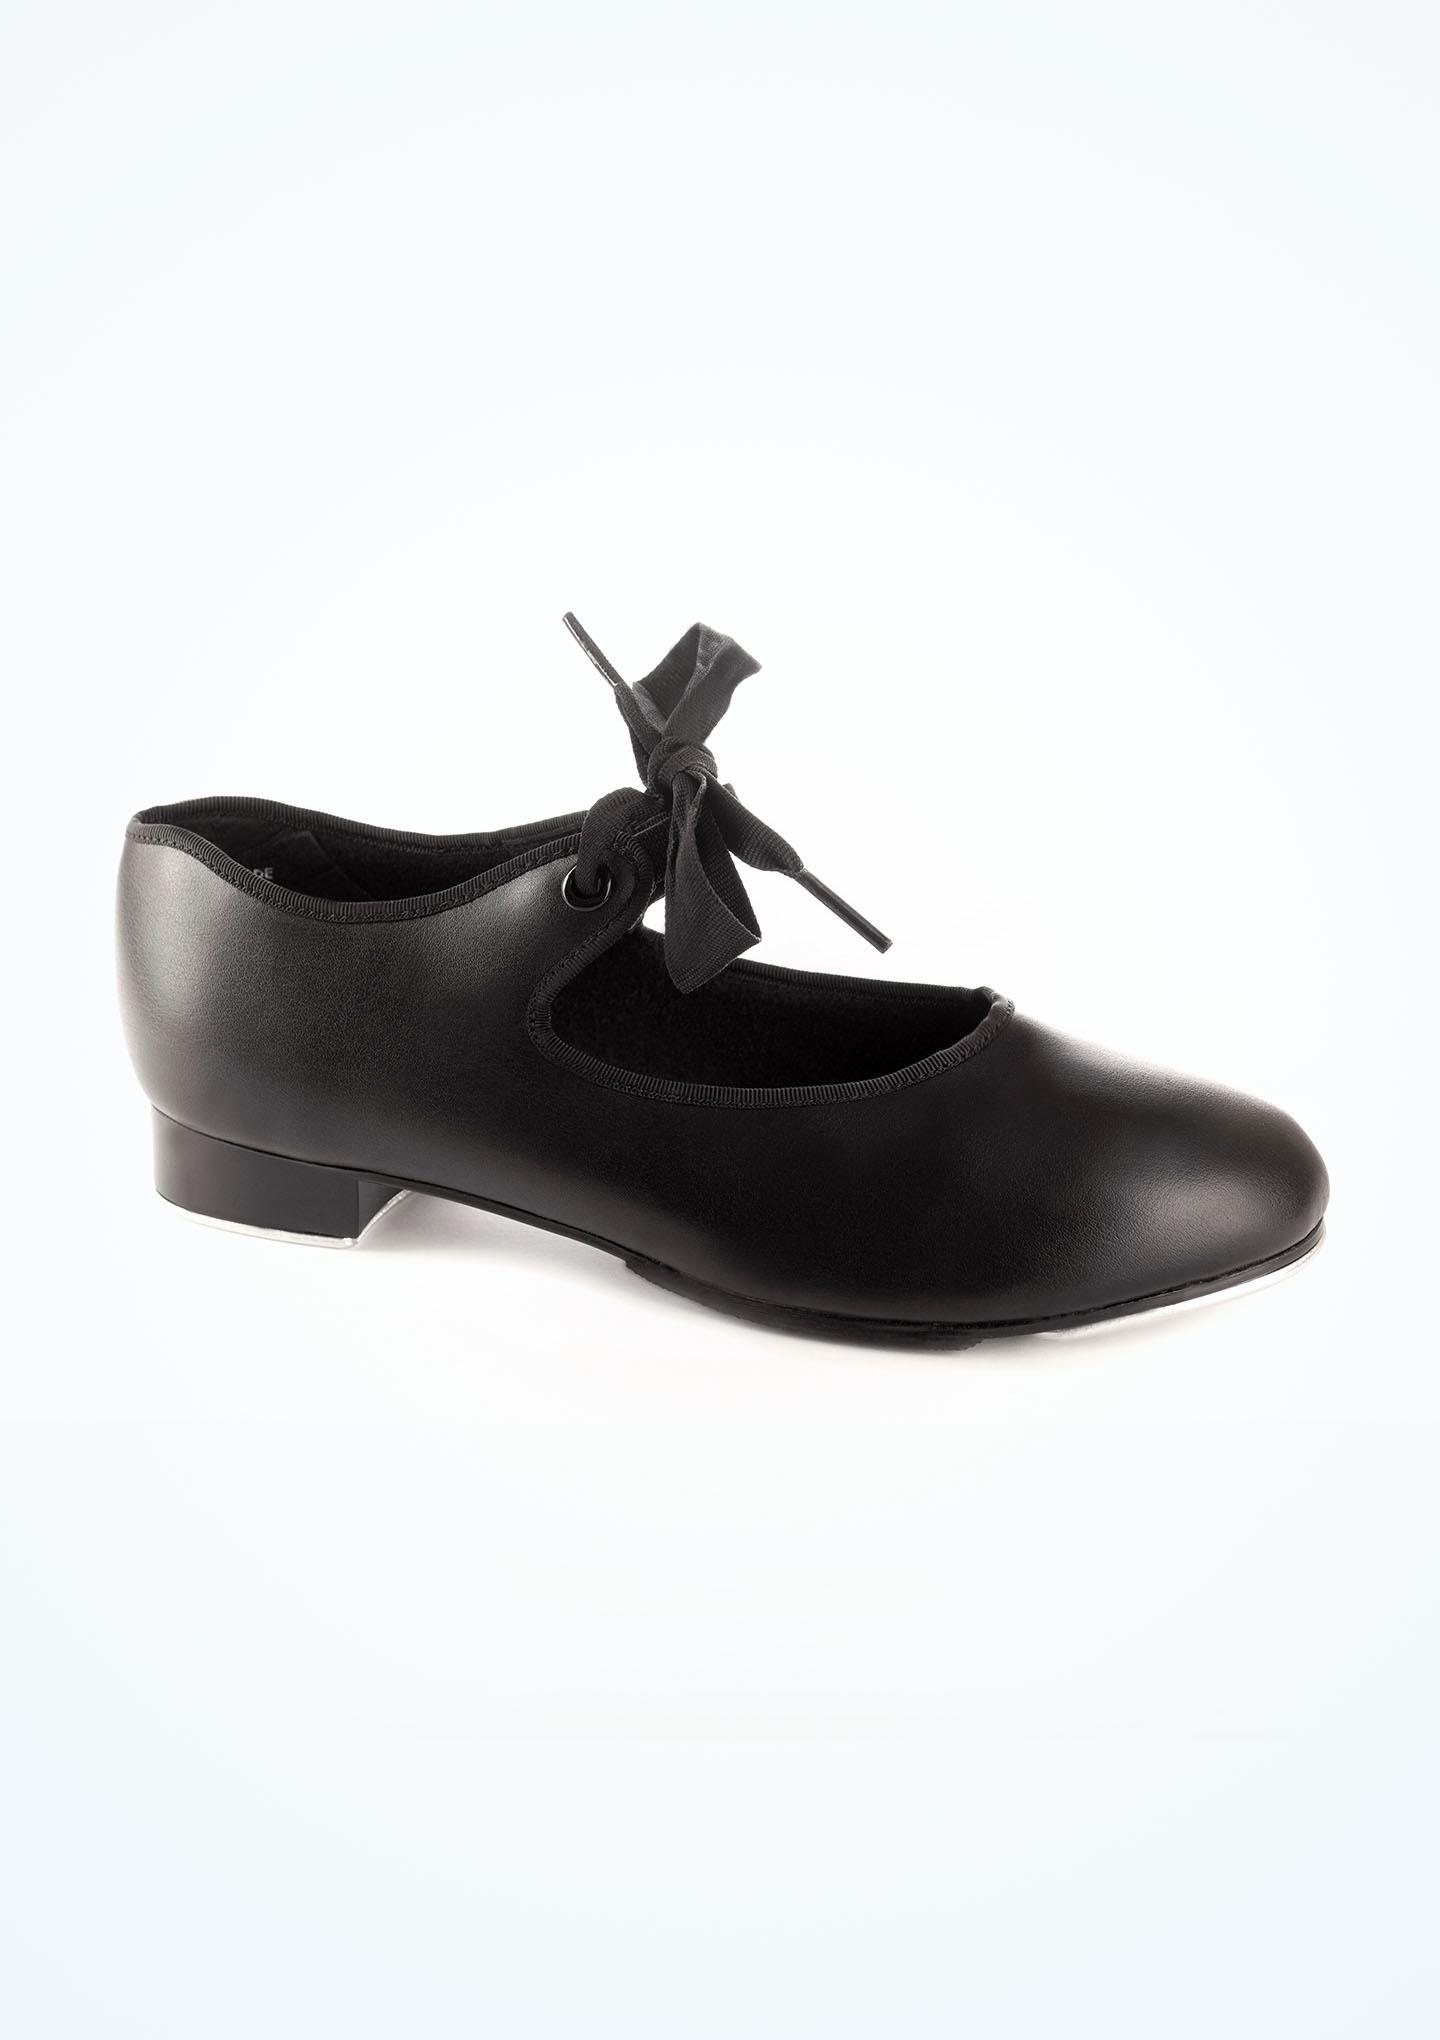 La Tyette in ecopelle scarpa per bambine da tip tap marca Capezio-2